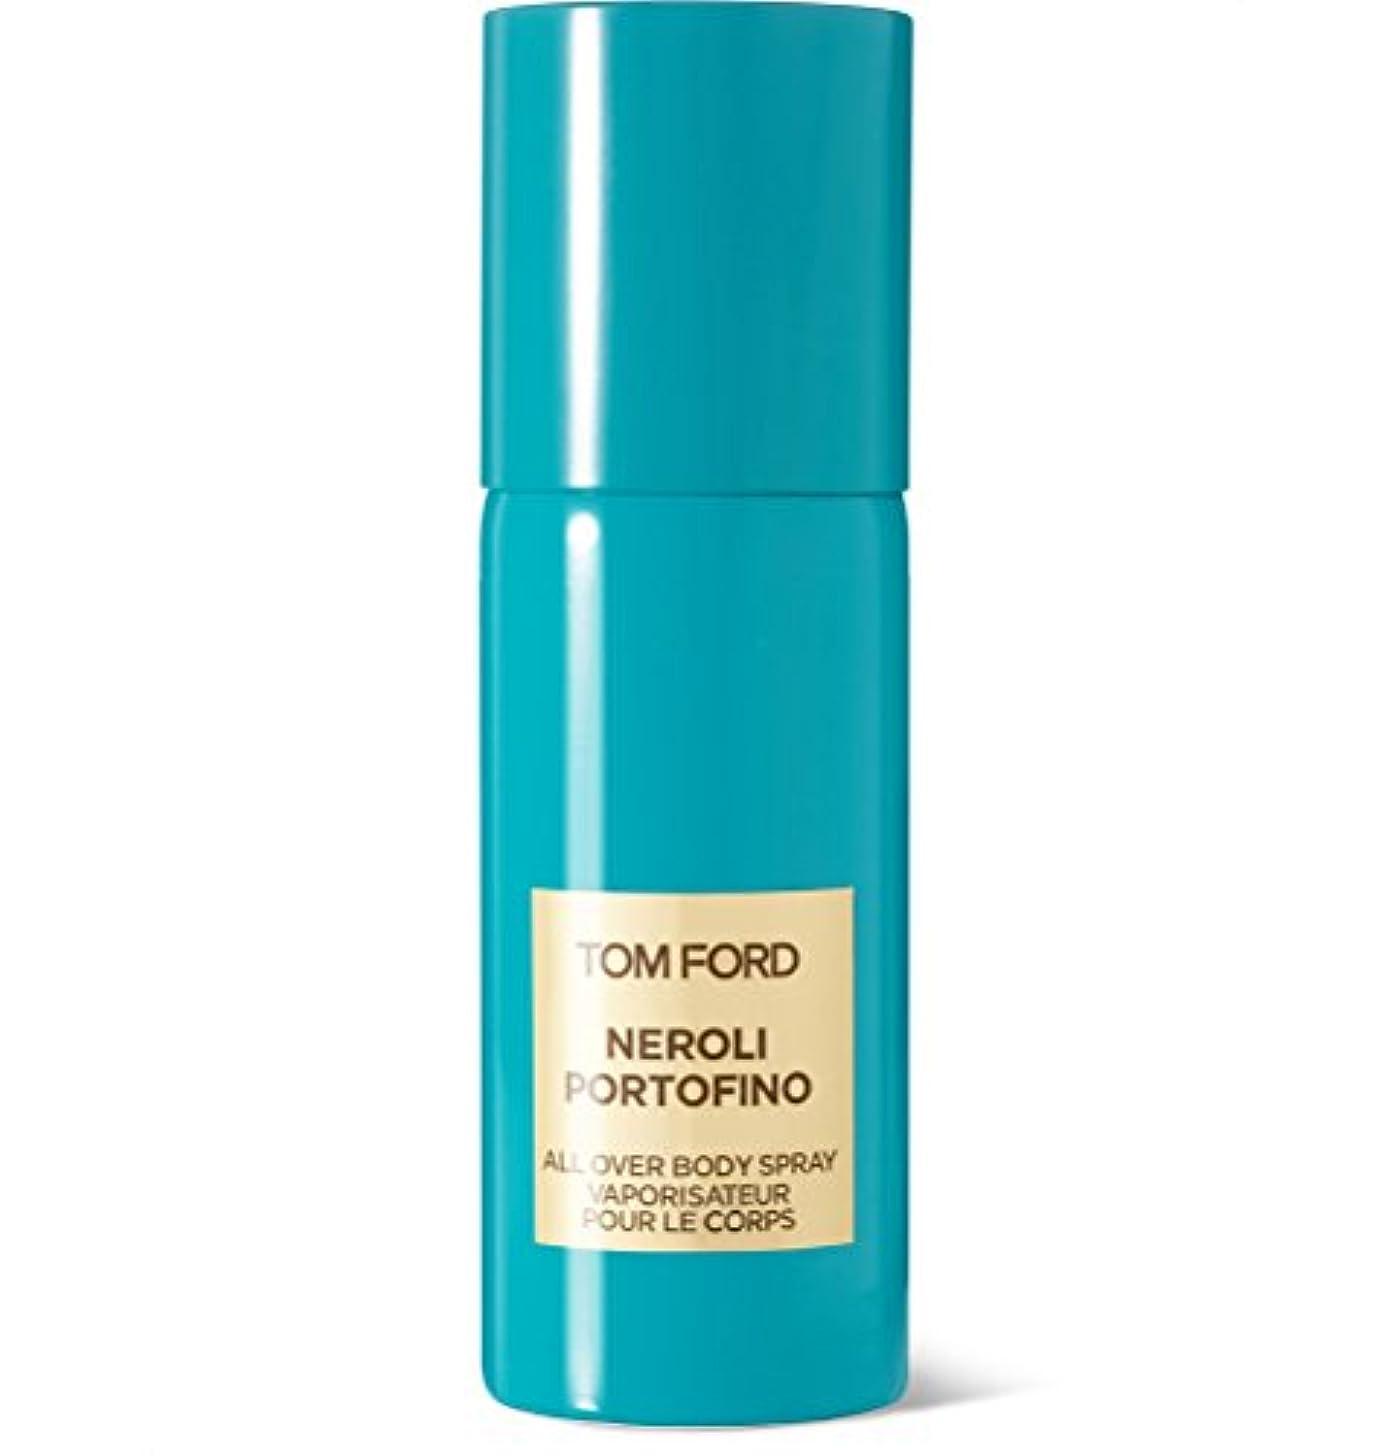 安心させるダッシュ観光Tom Ford Private Blend 'Neroli Portofino' (トムフォード プライベートブレンド ネロリポートフィーノ) 5.0 oz (150ml) Body Spray